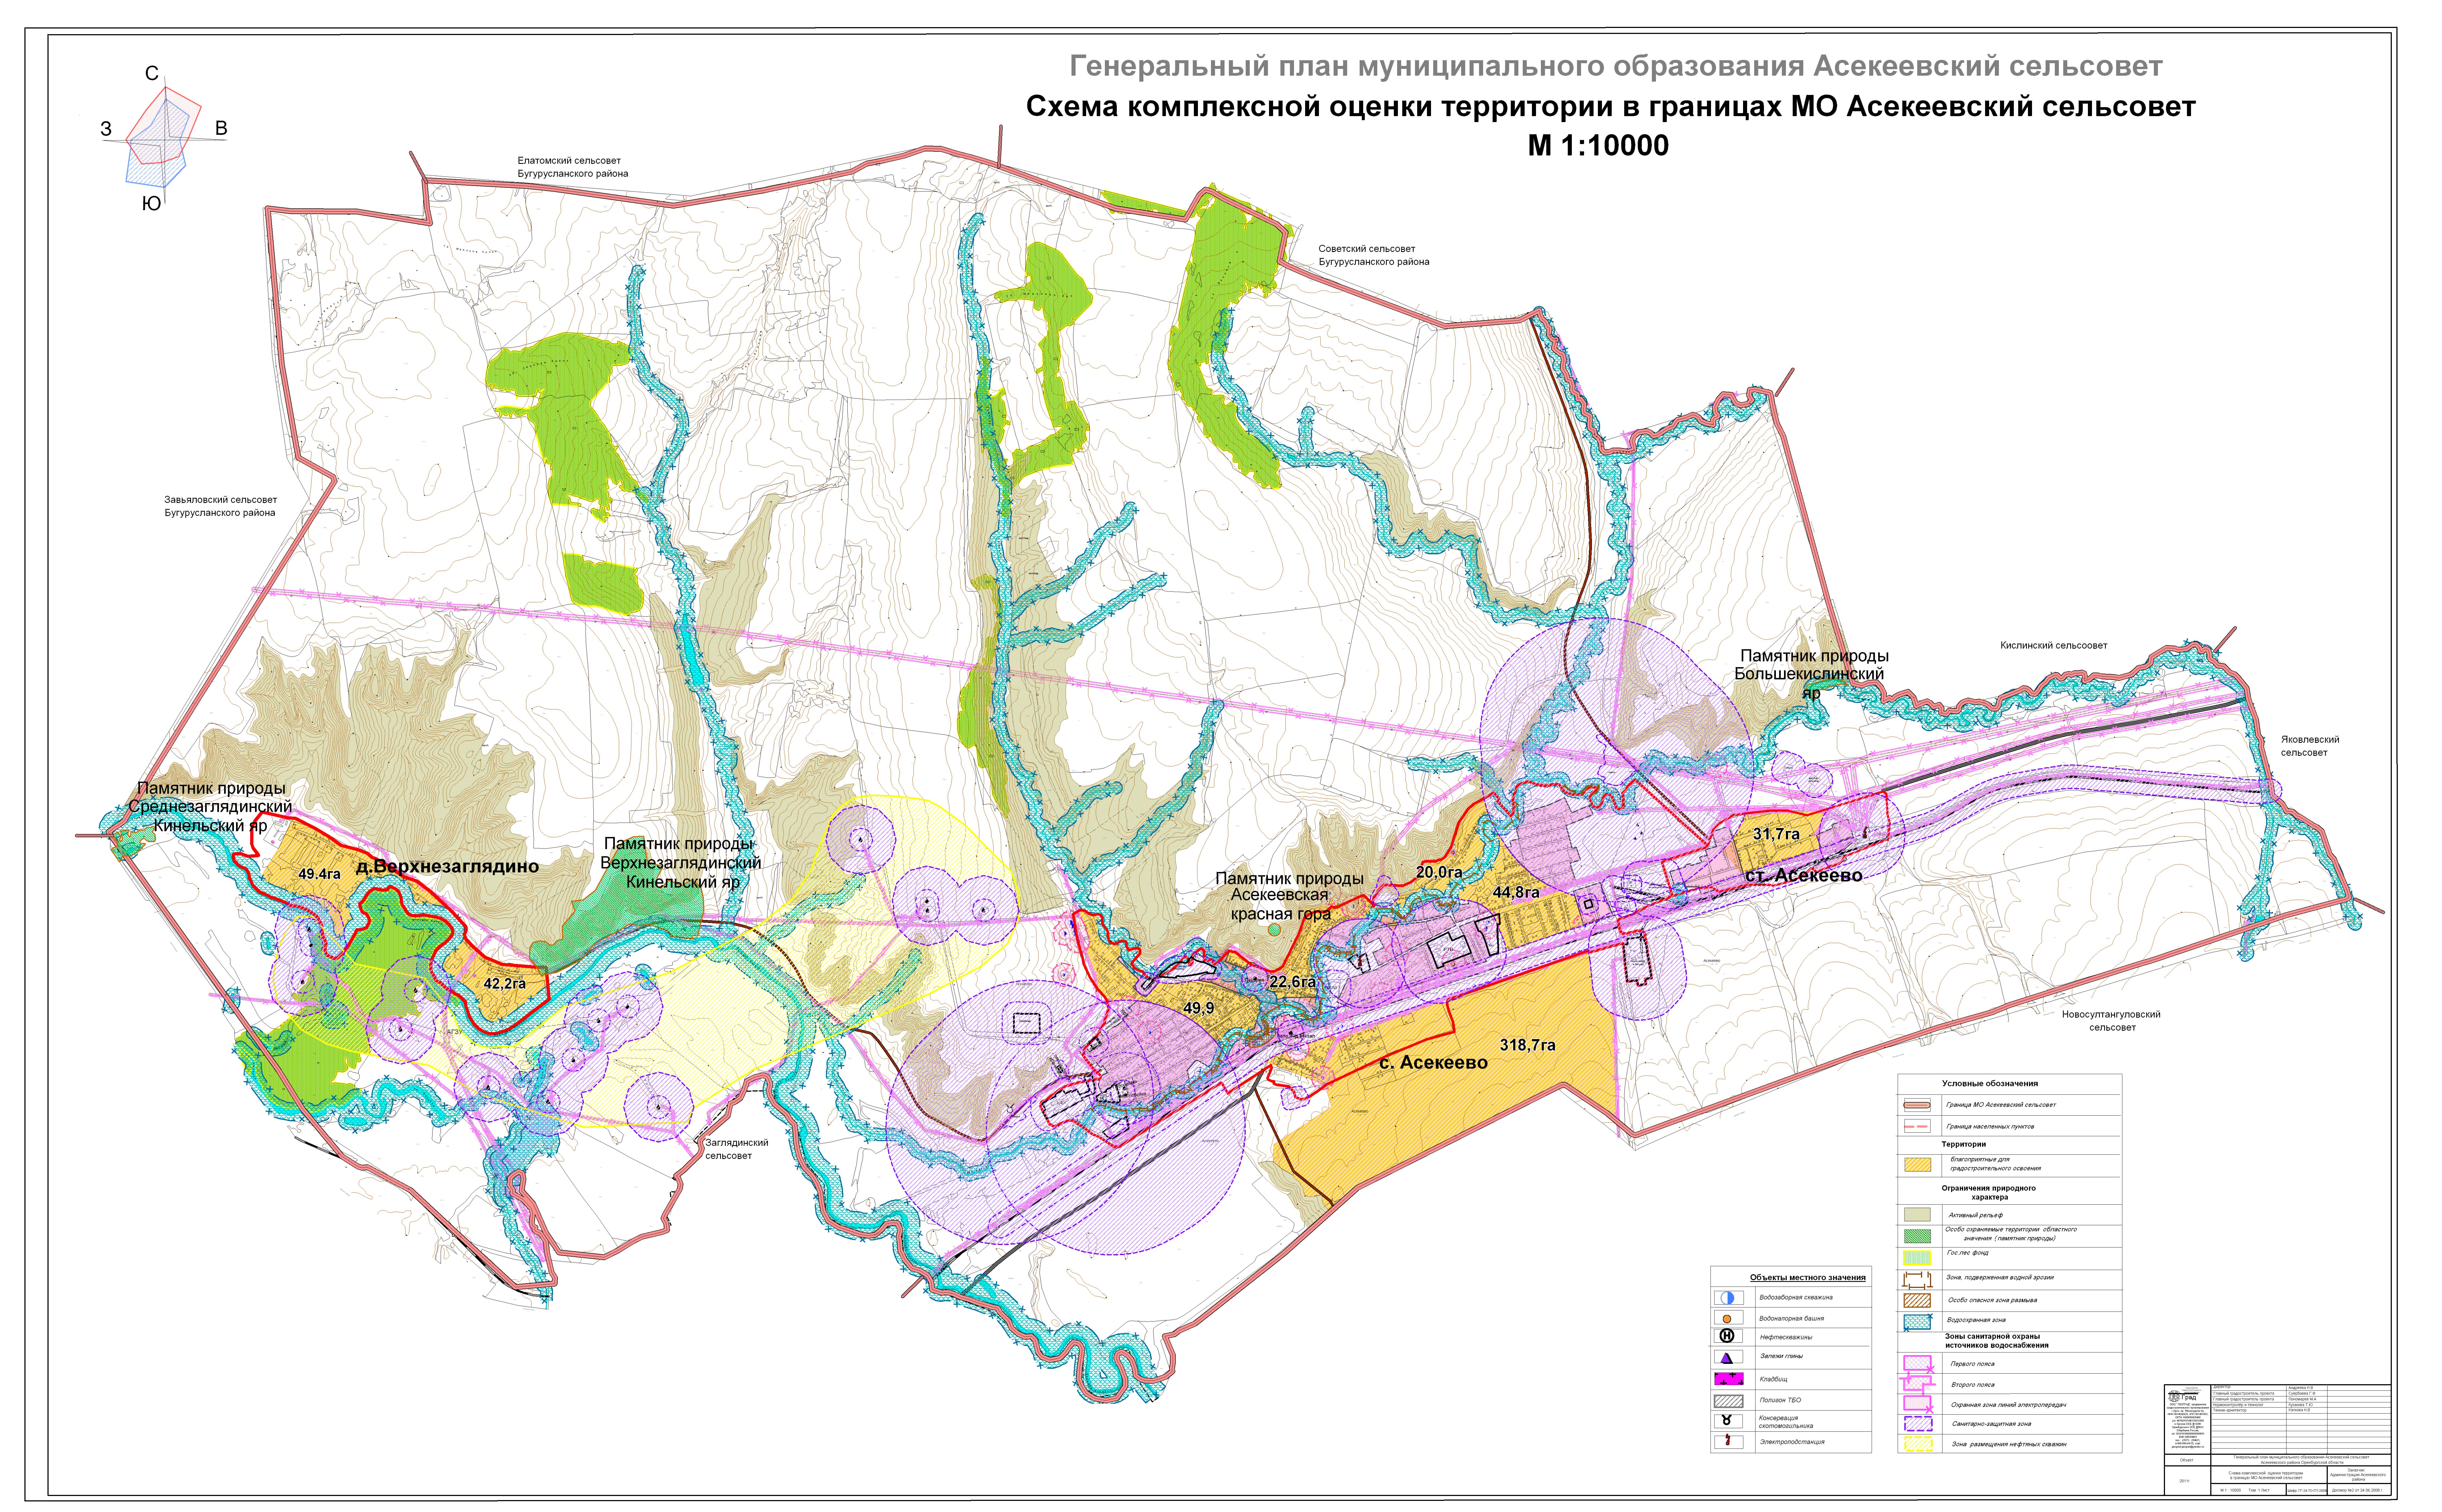 комплексная оценка территории